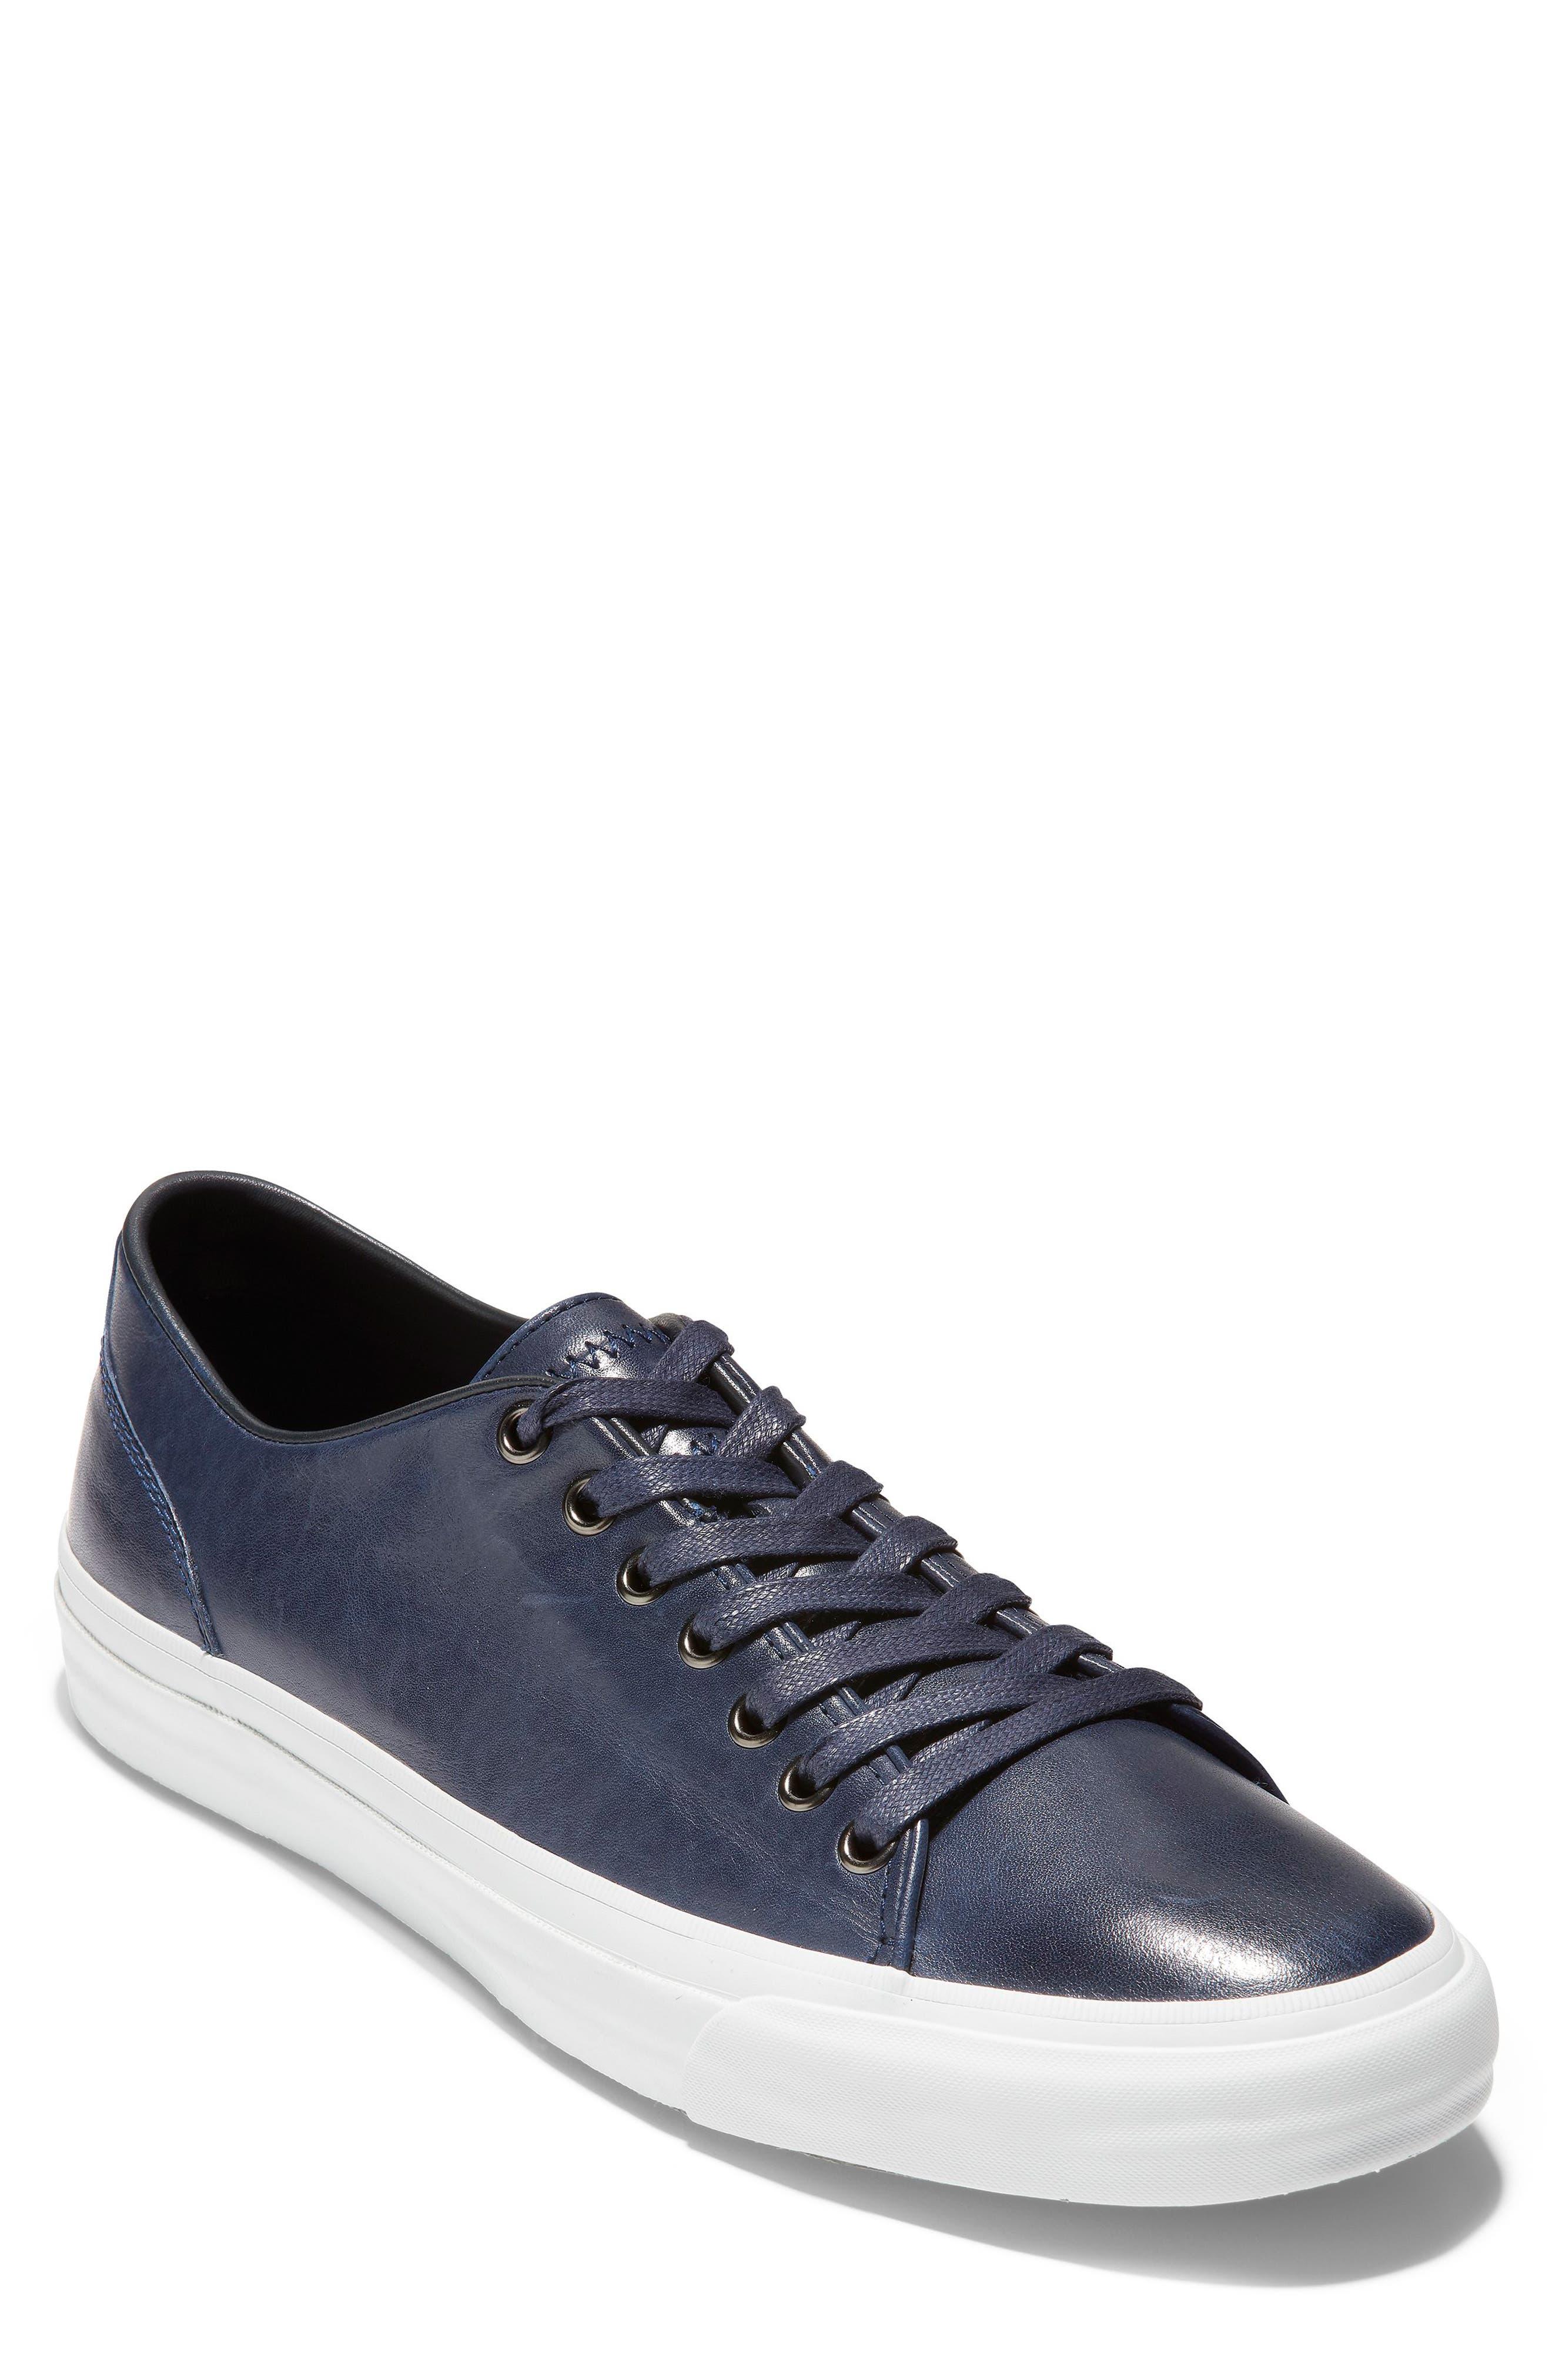 Cole Haan Pinch Lx Sneaker, Blue